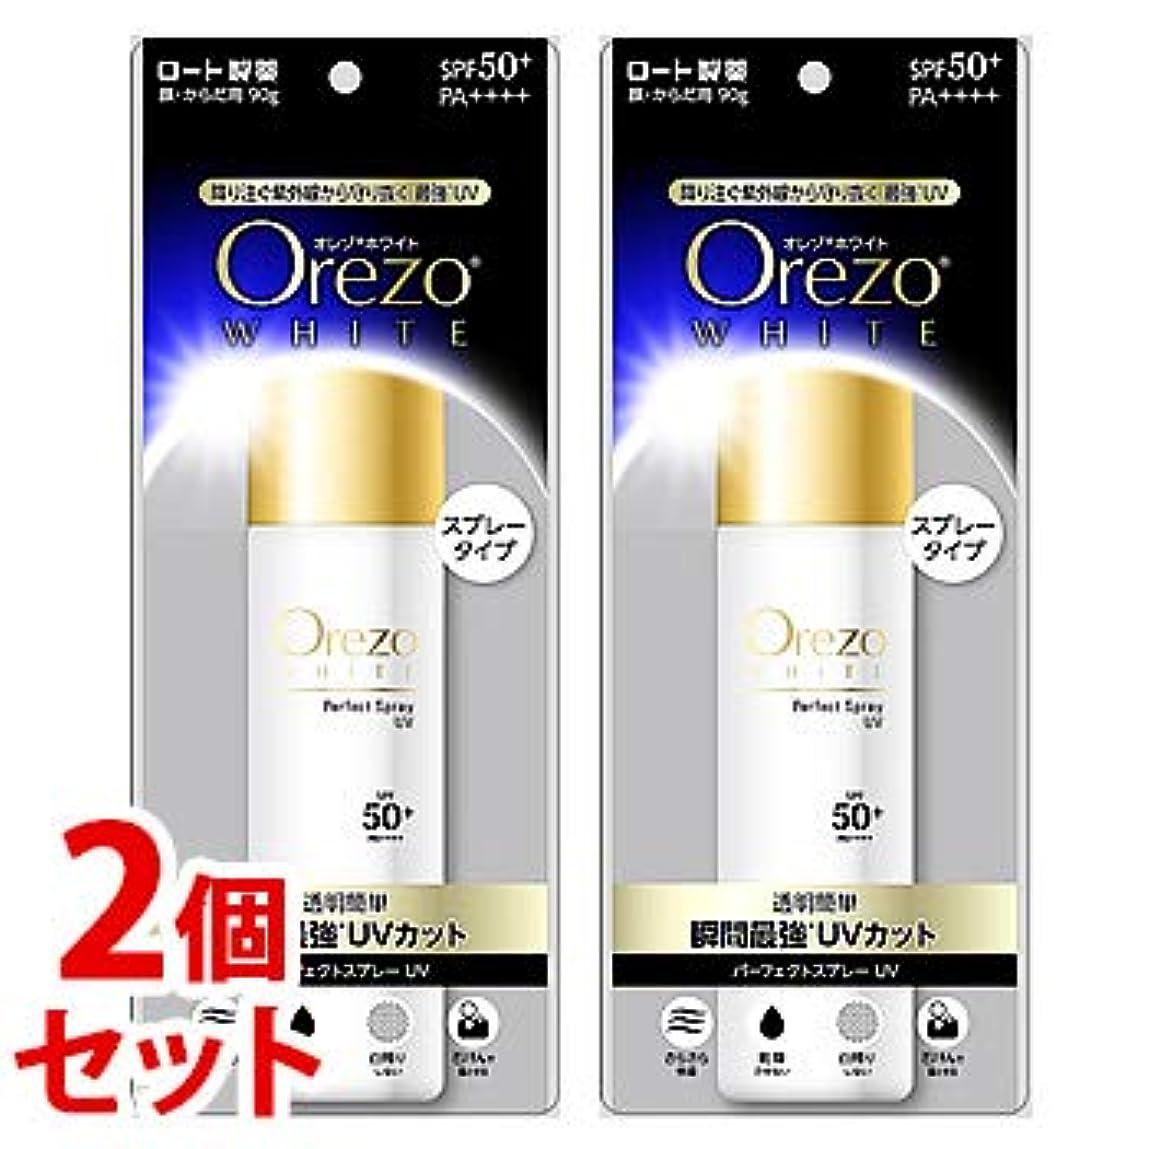 最も早い一元化する贈り物《セット販売》 ロート製薬 Orezo オレゾ ホワイト パーフェクトスプレーUV SPF50+ PA++++ (90g)×2個セット 顔?からだ用 日やけ止め スプレータイプ